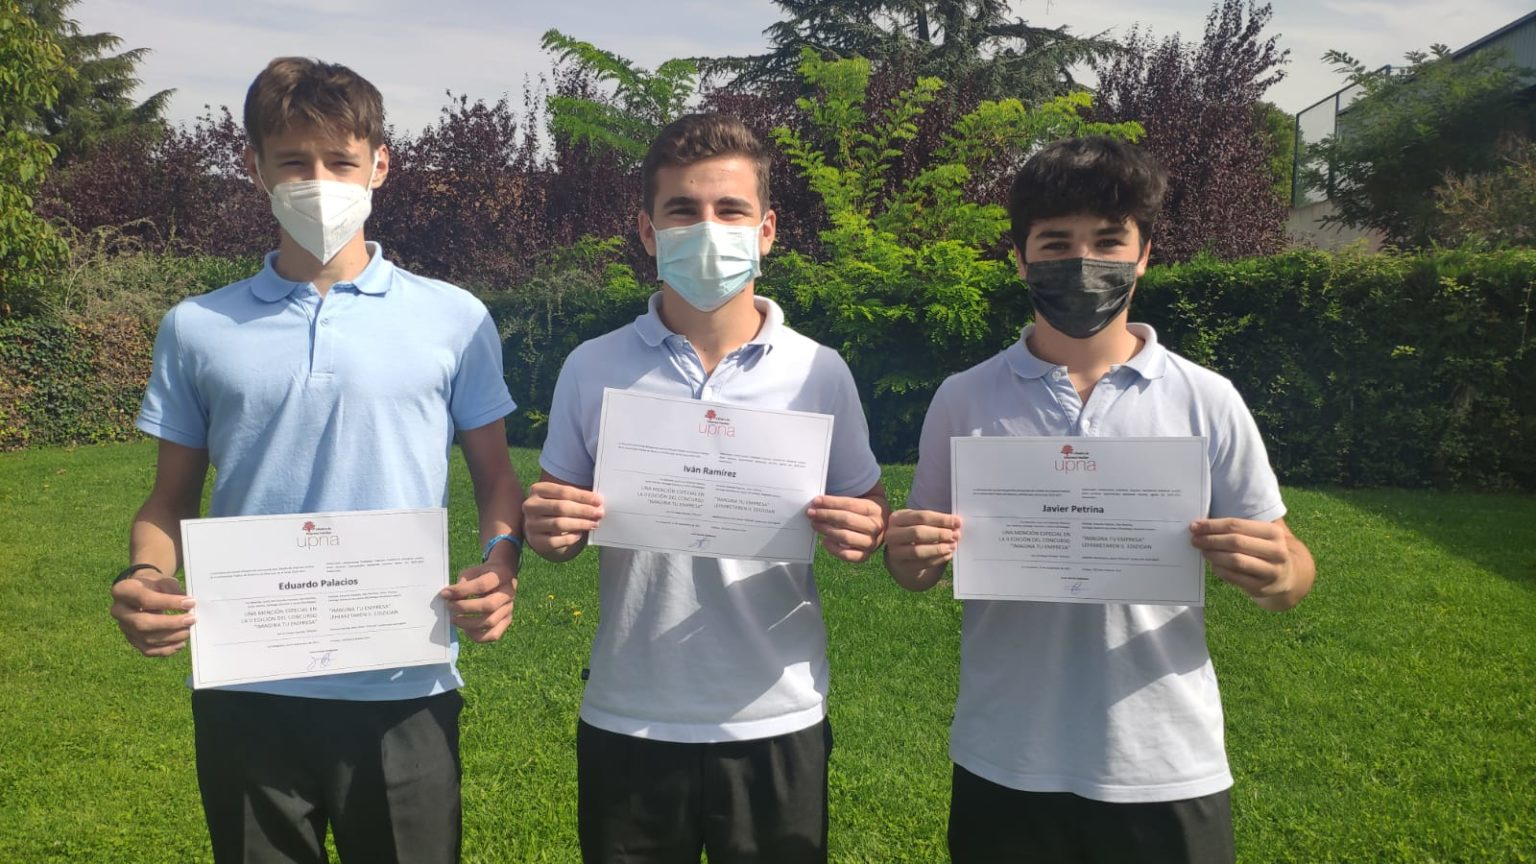 Alumnos del Colegio Miravalles El Redín obtienen primer premio en el Concurso Imagina tu emprensa